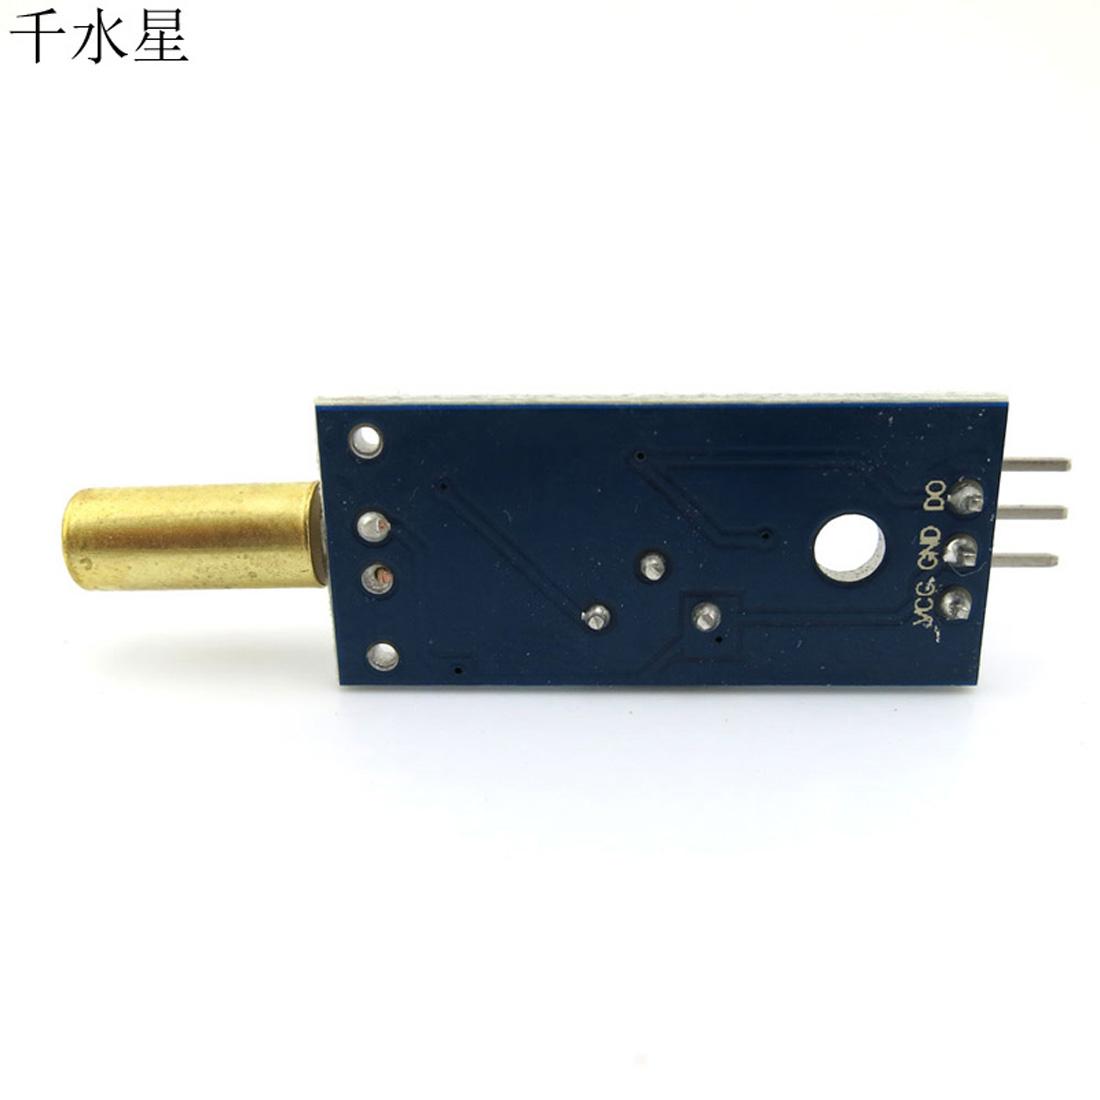 (金色圆头)角度传感器模块 diy机器人单片机 电子滚珠开关感应器